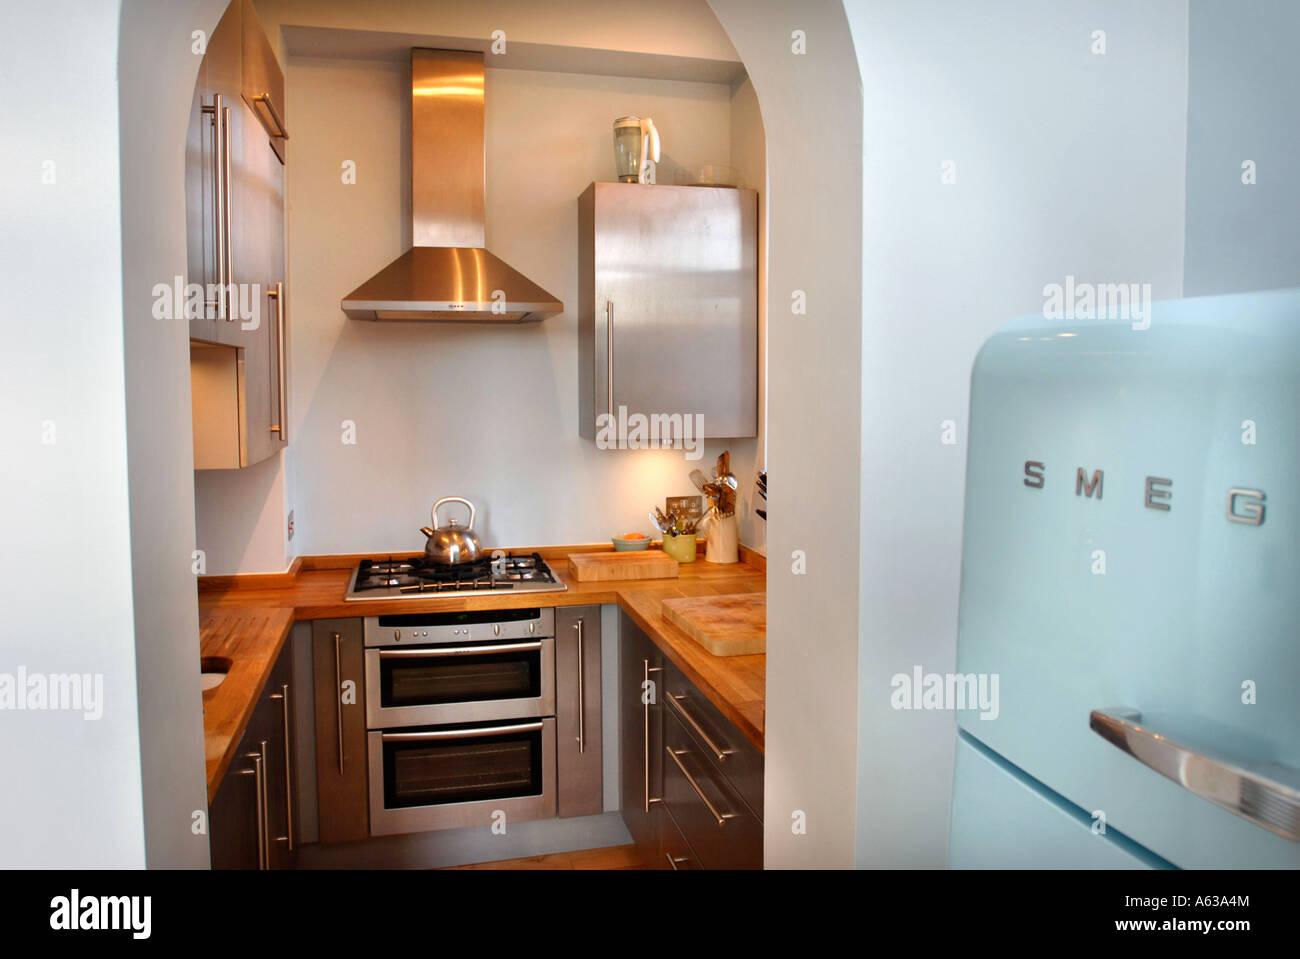 Una piccola cucina con un frigorifero SMEG UK Foto & Immagine Stock ...